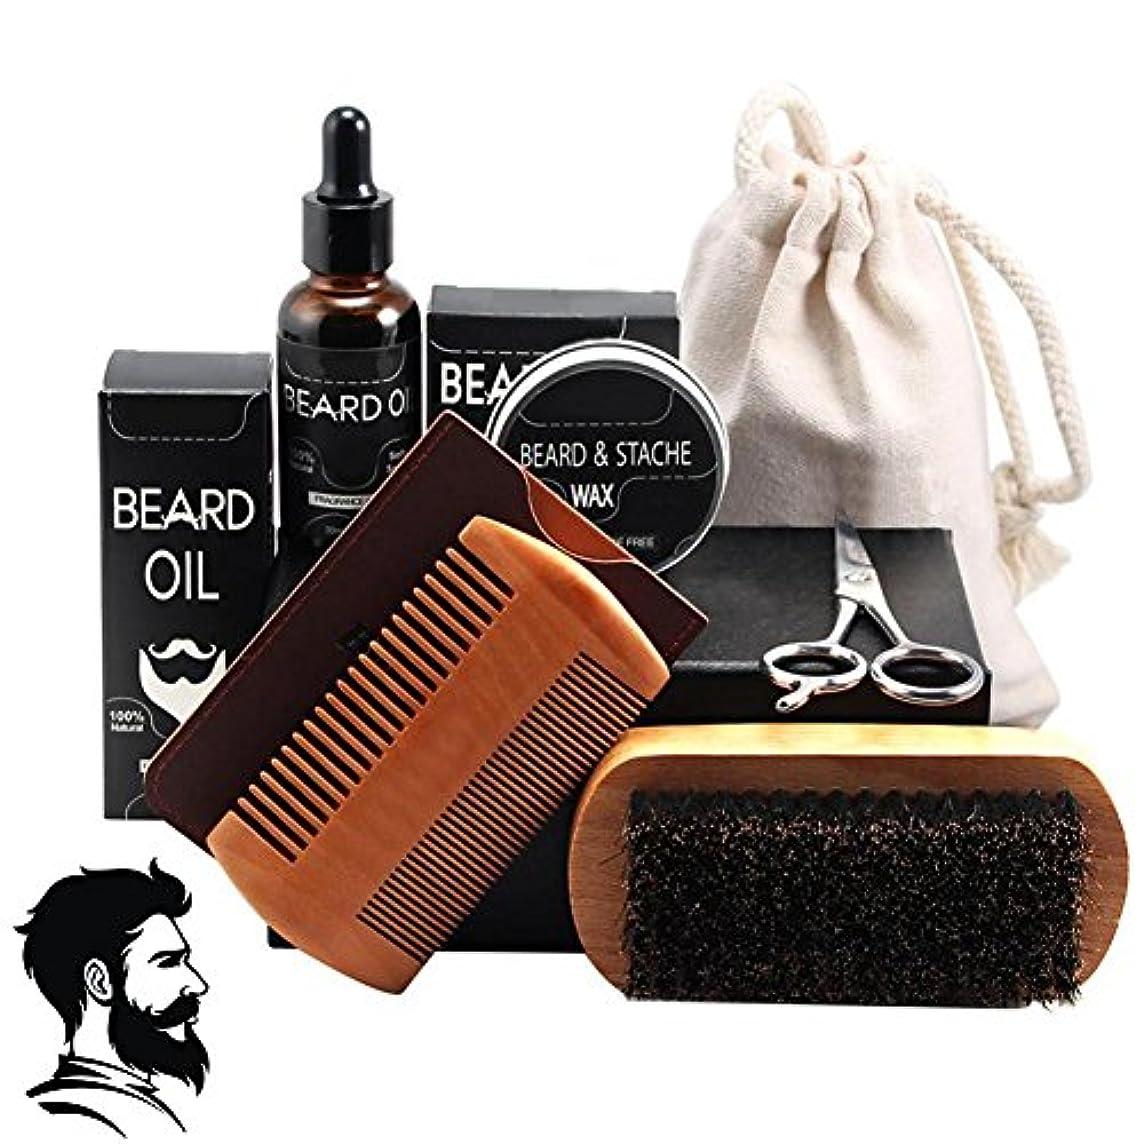 帆値鏡あごひげ油、男性の口ひげフルセットヘアケアツール(ひげワックスくし付き)(7PCSのパック)用シェービングブラシプロフェッショナルフェイシャルトリミングハサミ